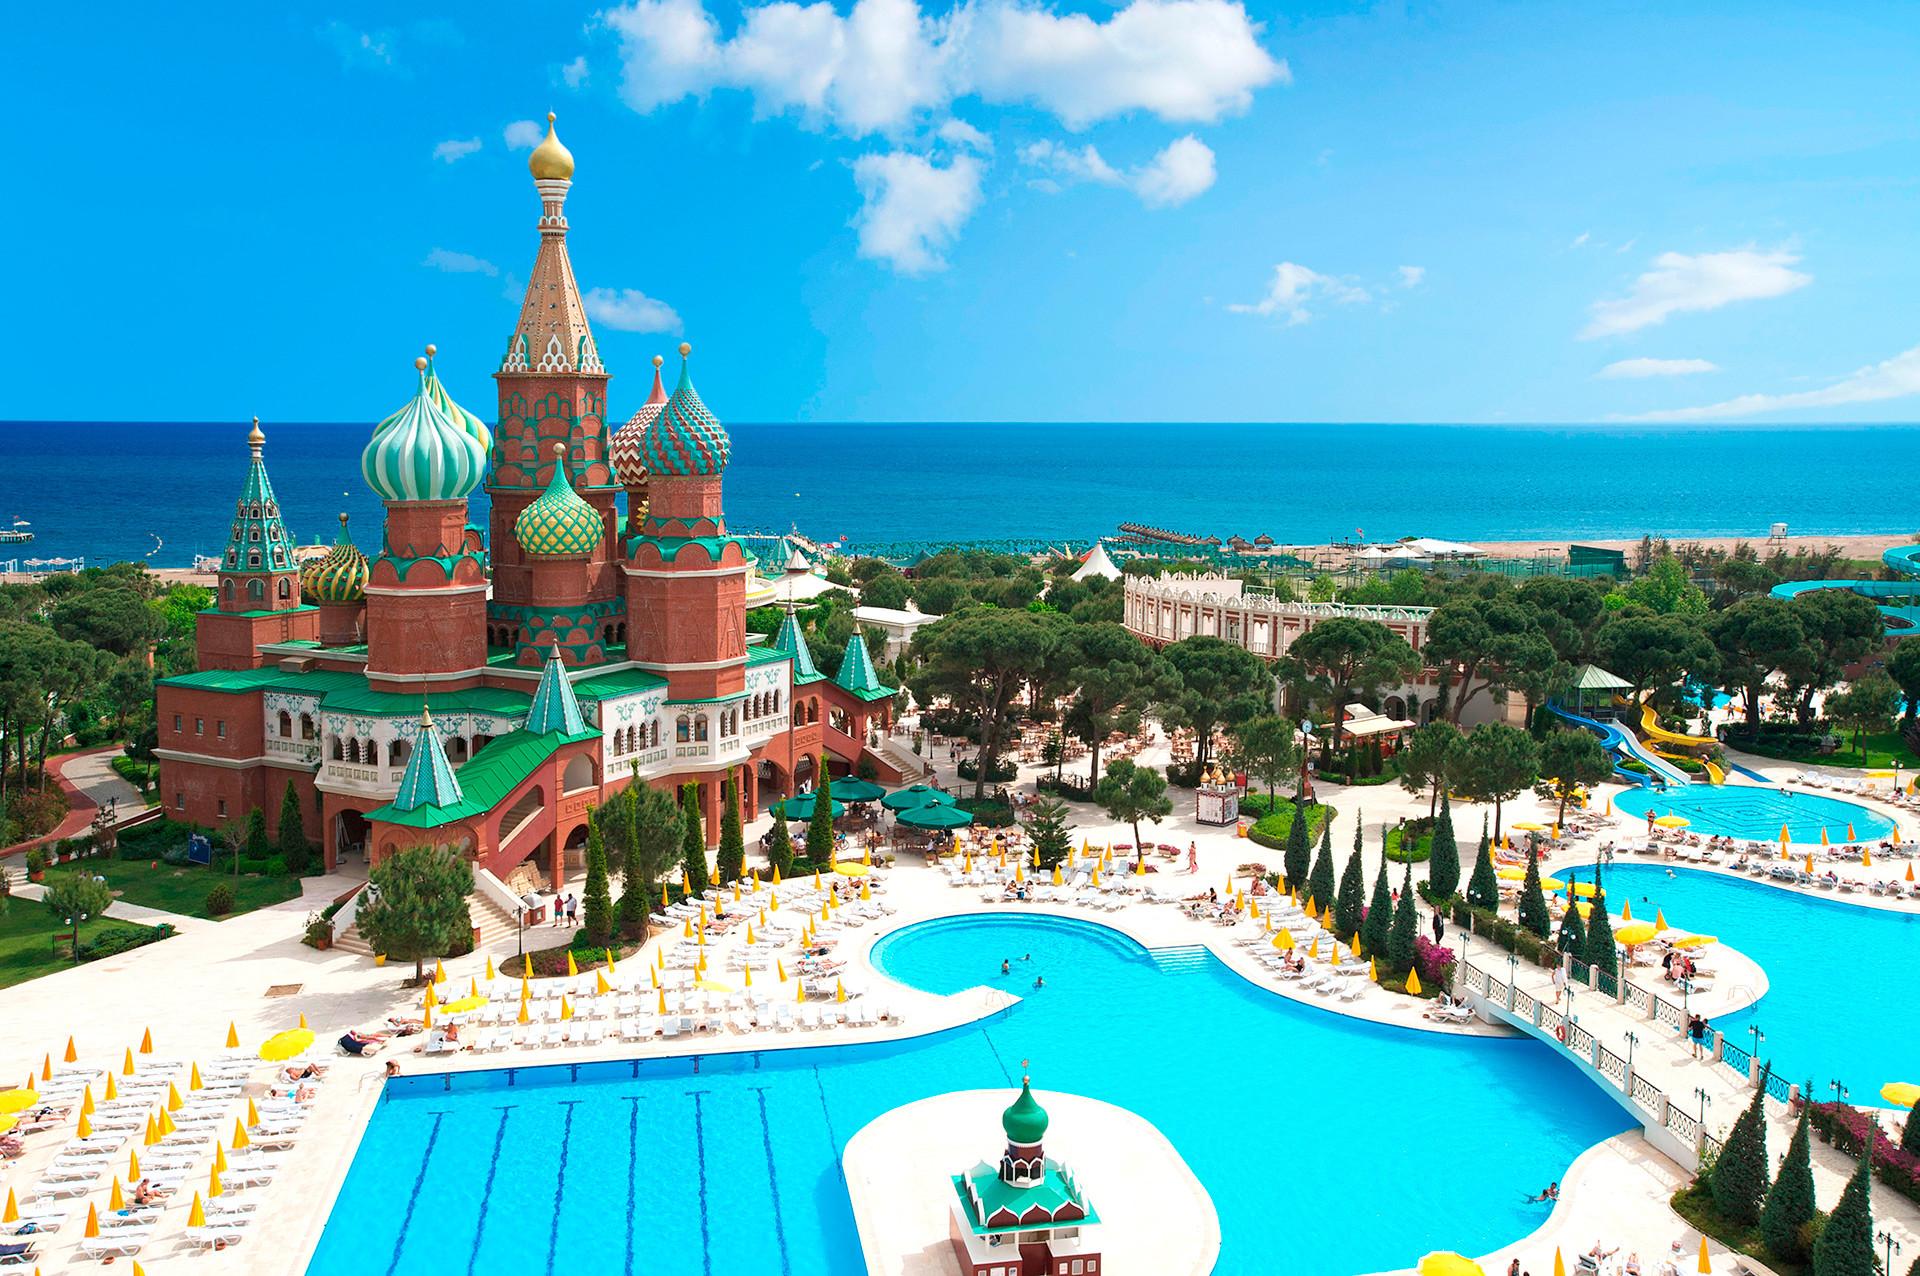 ホテル「Kremlin Palace」